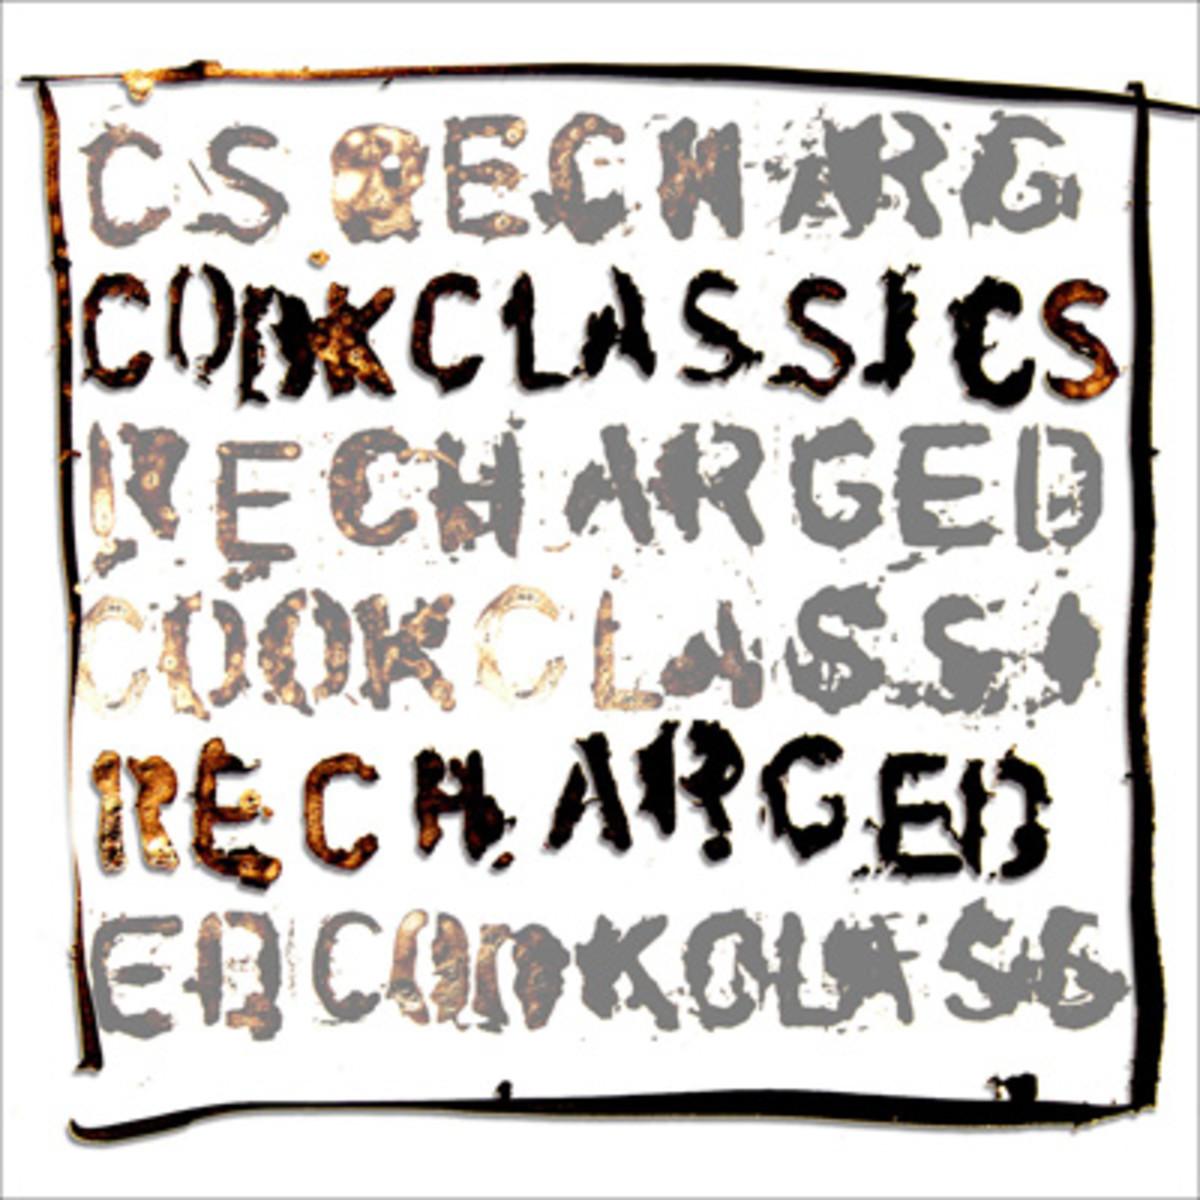 cookclassics-thebestarefulloflove.jpg